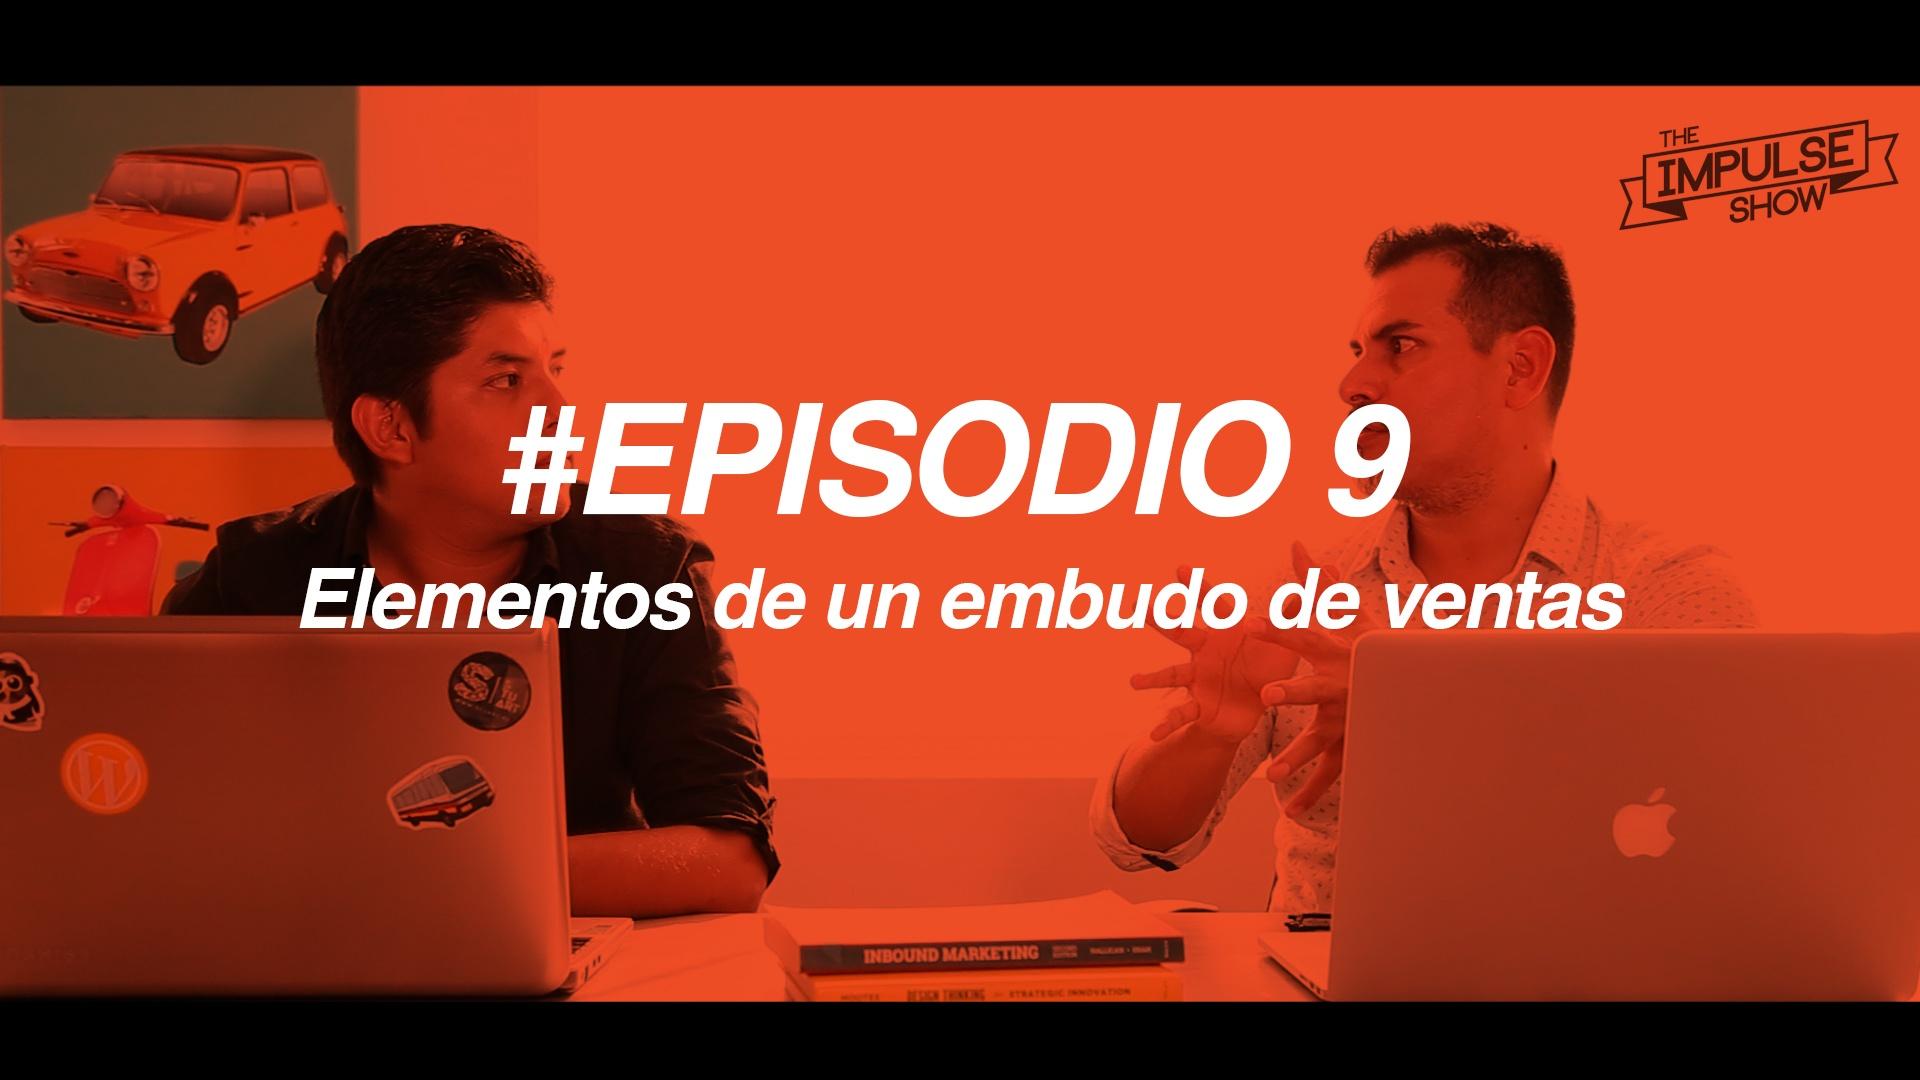 #TheImpulseShow Ep 9: Elementos de un embudo de ventas